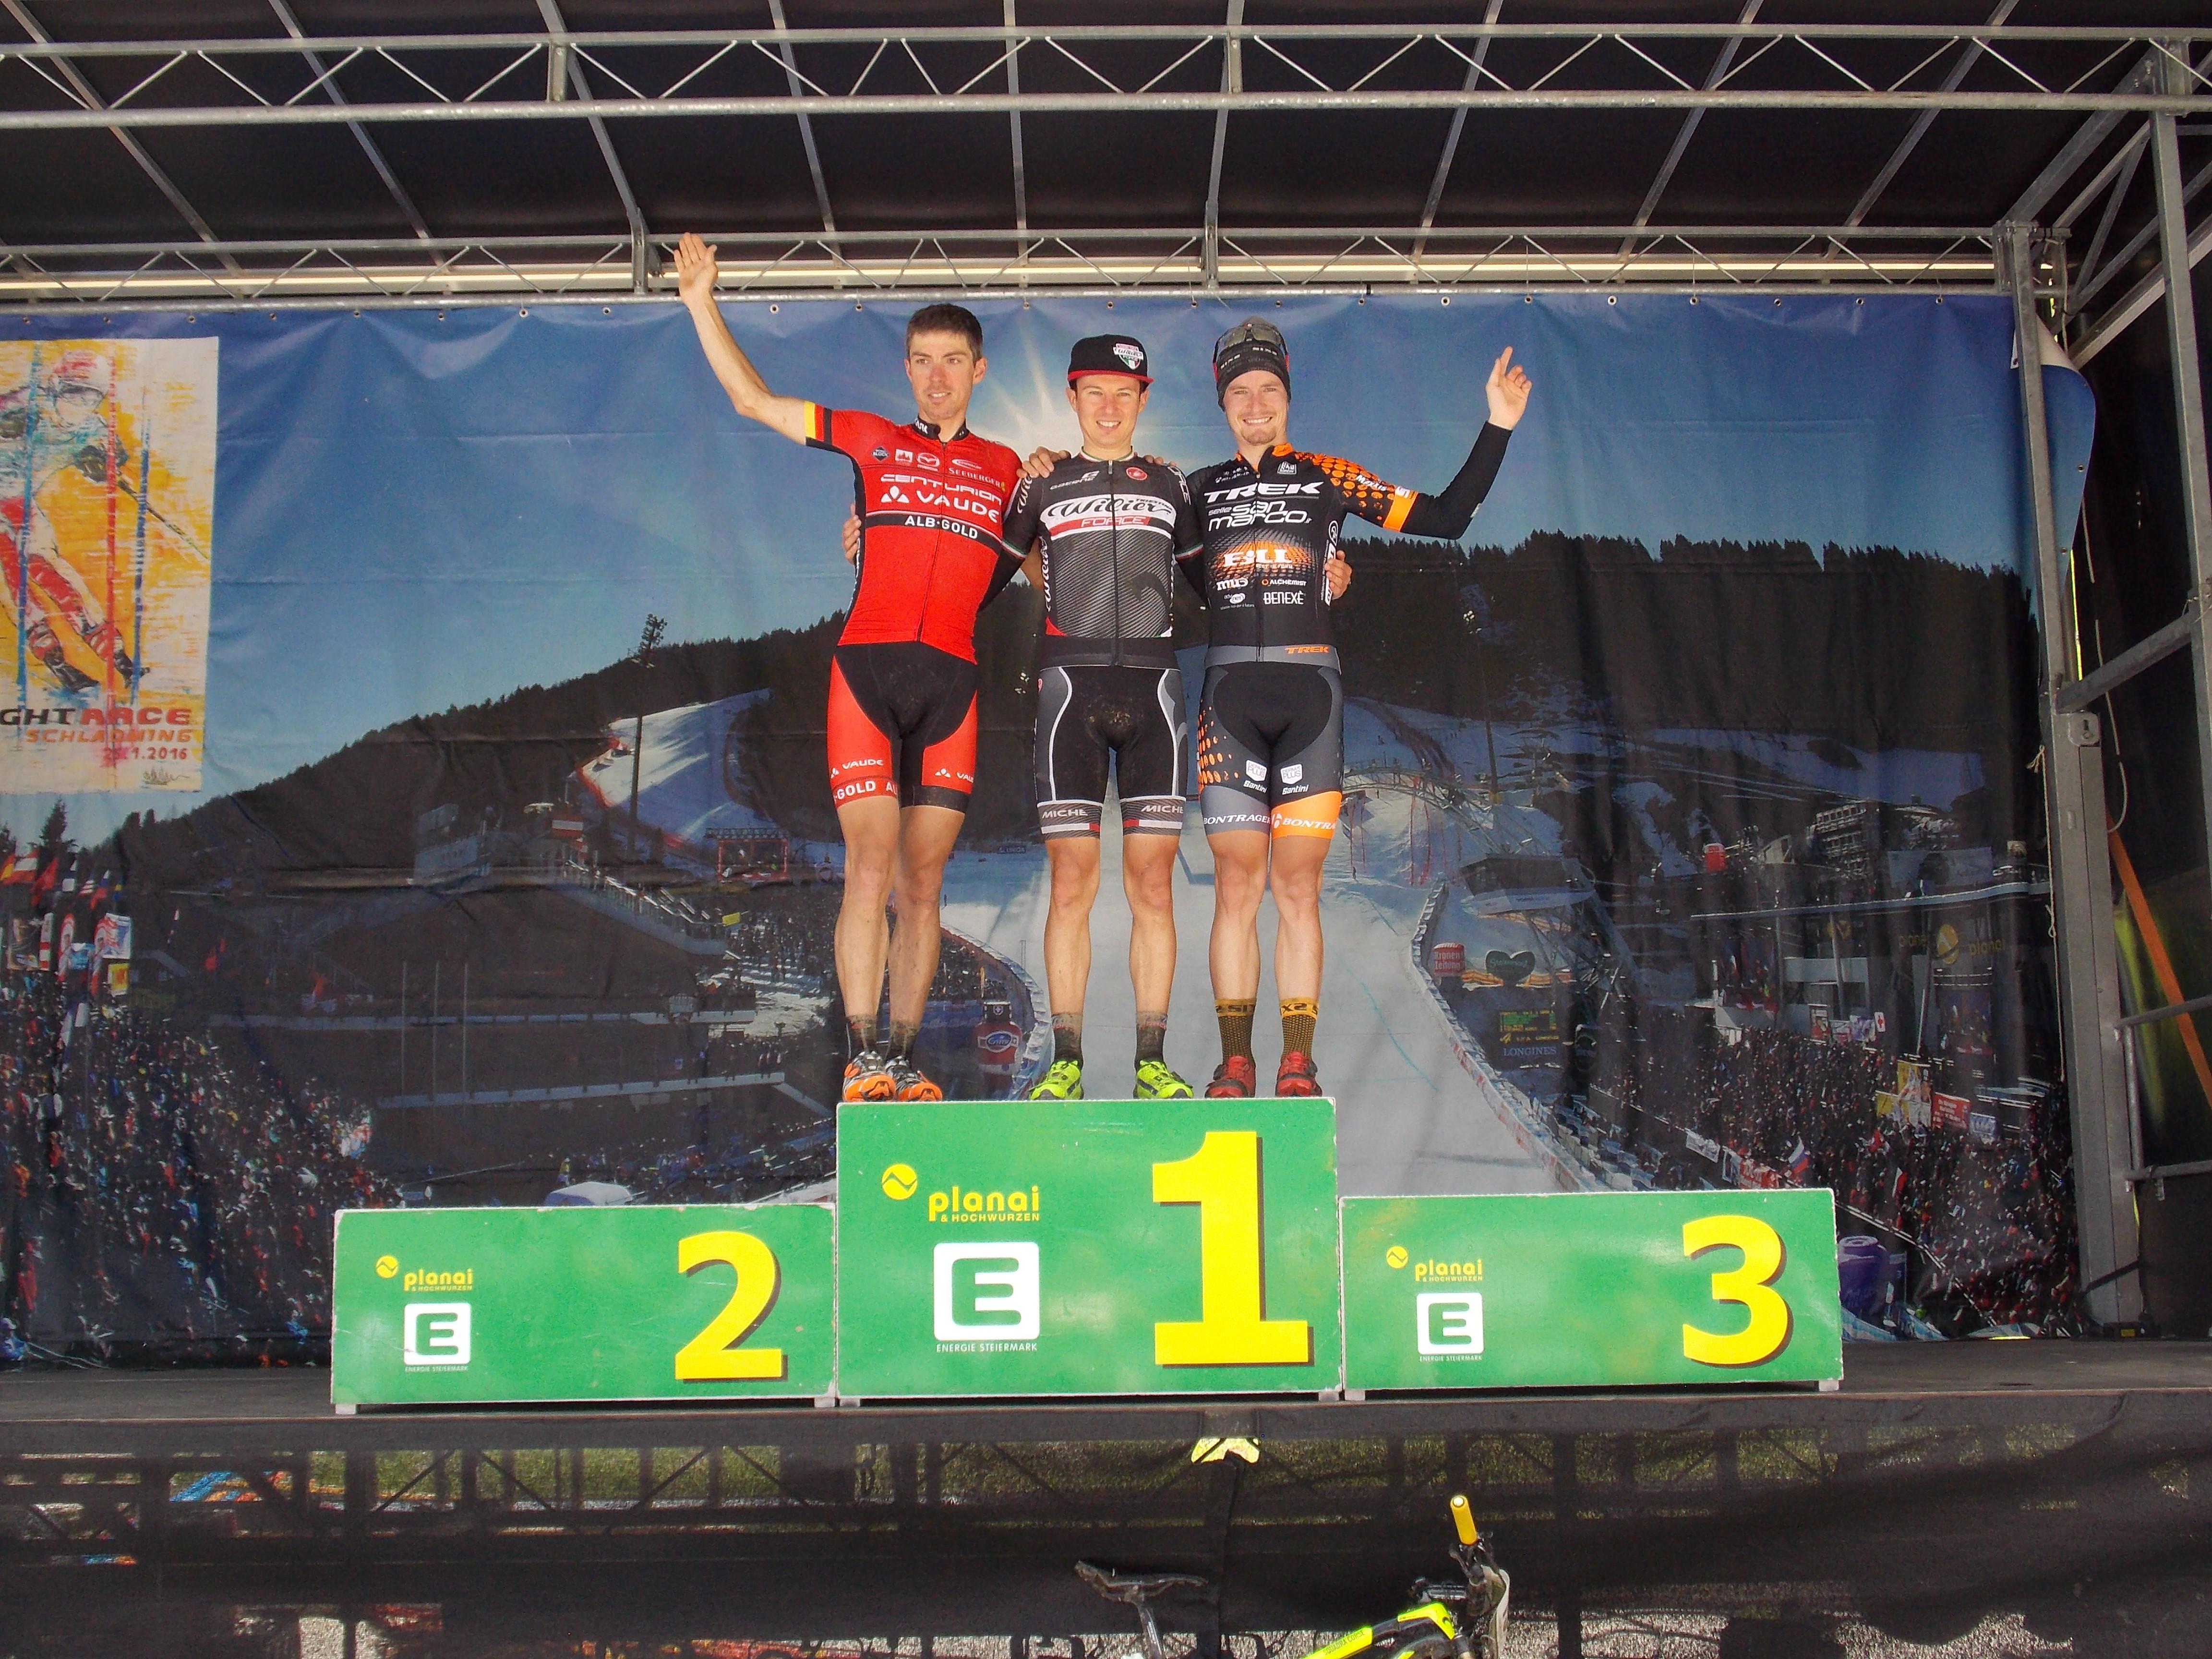 Tony Longo zegeviert in tweede etappe en is nieuwe leider in Alpentour Trophy